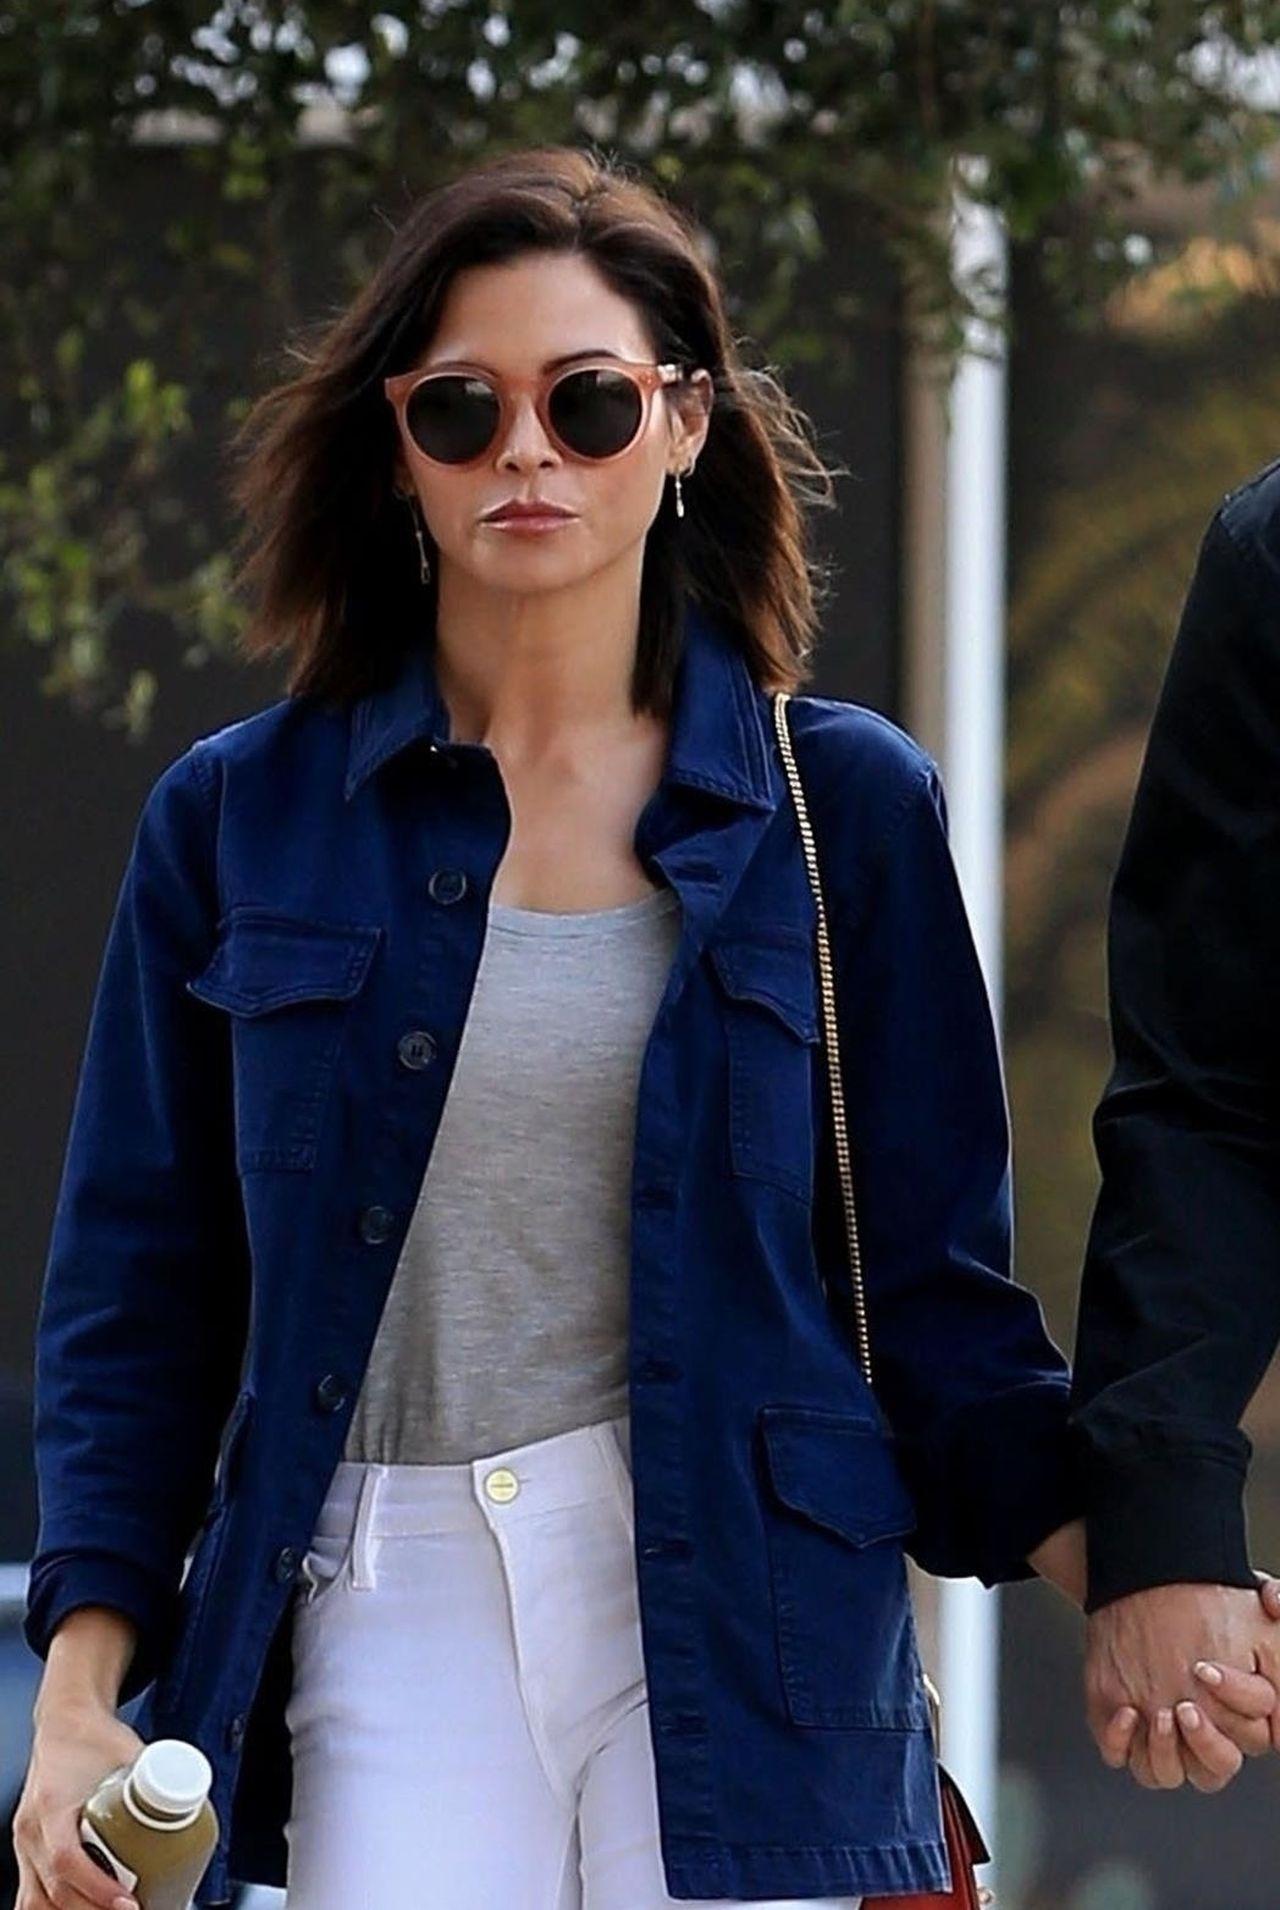 Jenna Dewan całuje się na powitanie z nowym chłopakiem (ZDJĘCIA)